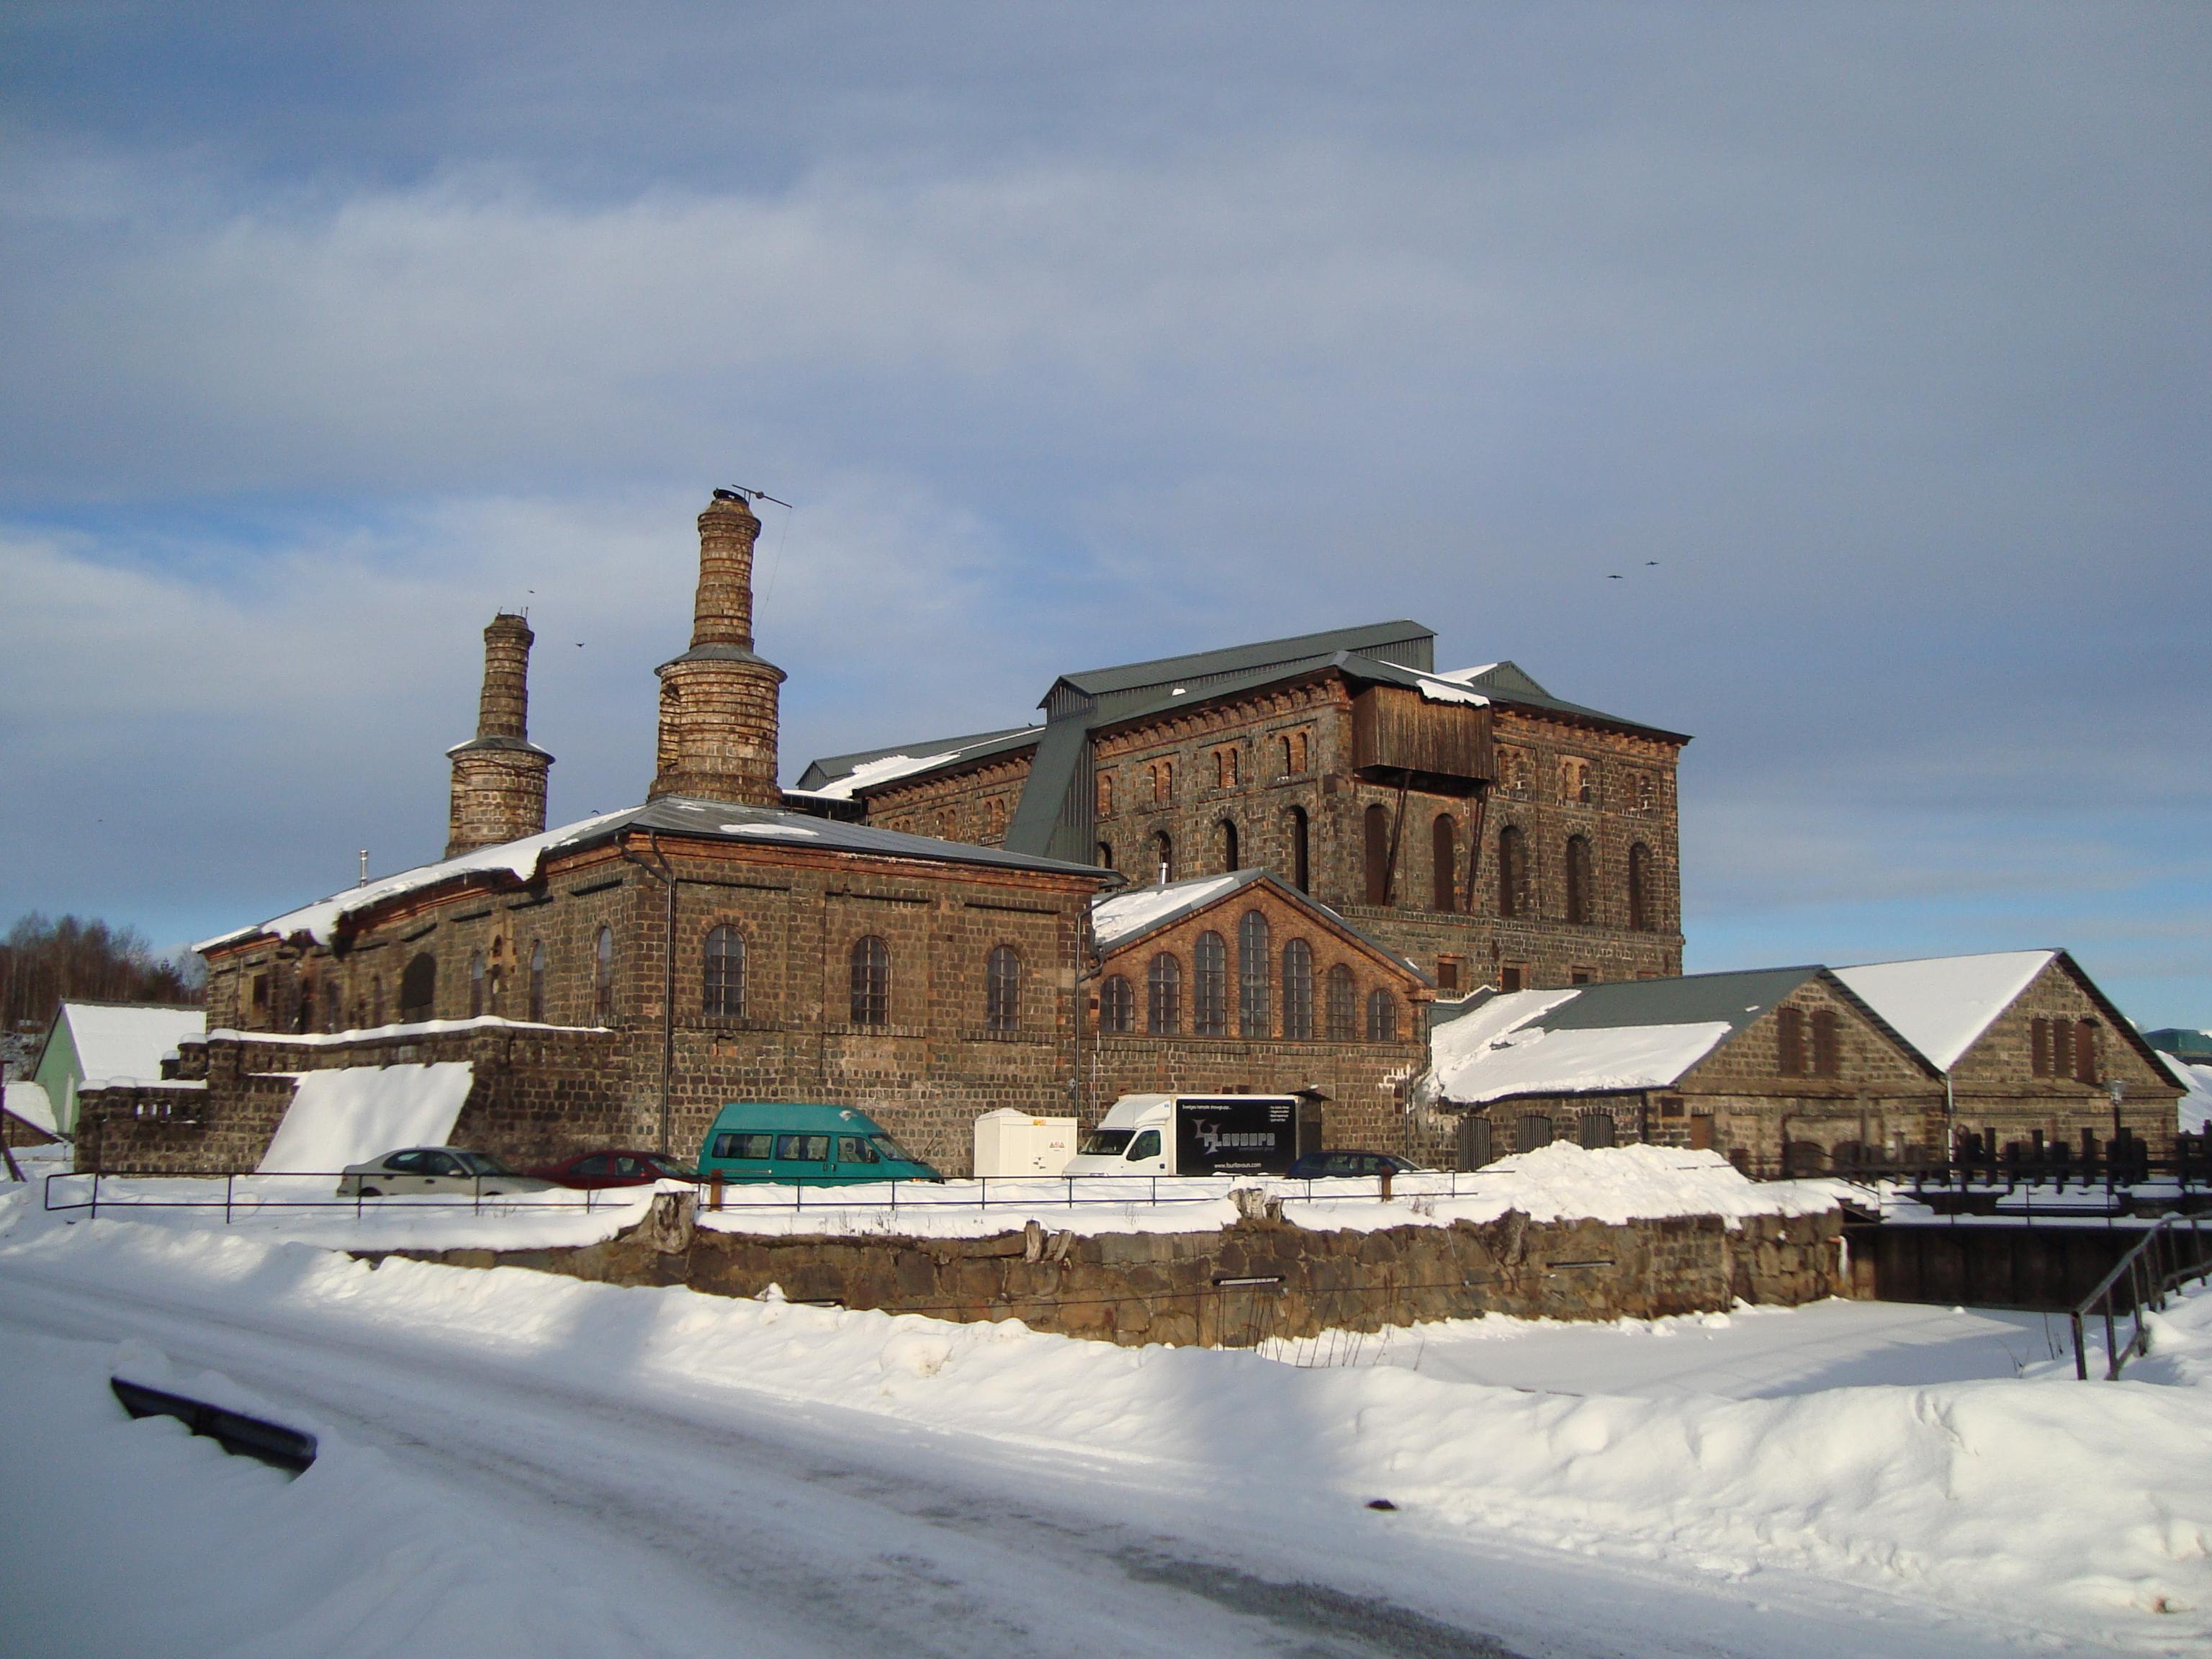 Bygglov och andra tillstnd - Avesta kommun